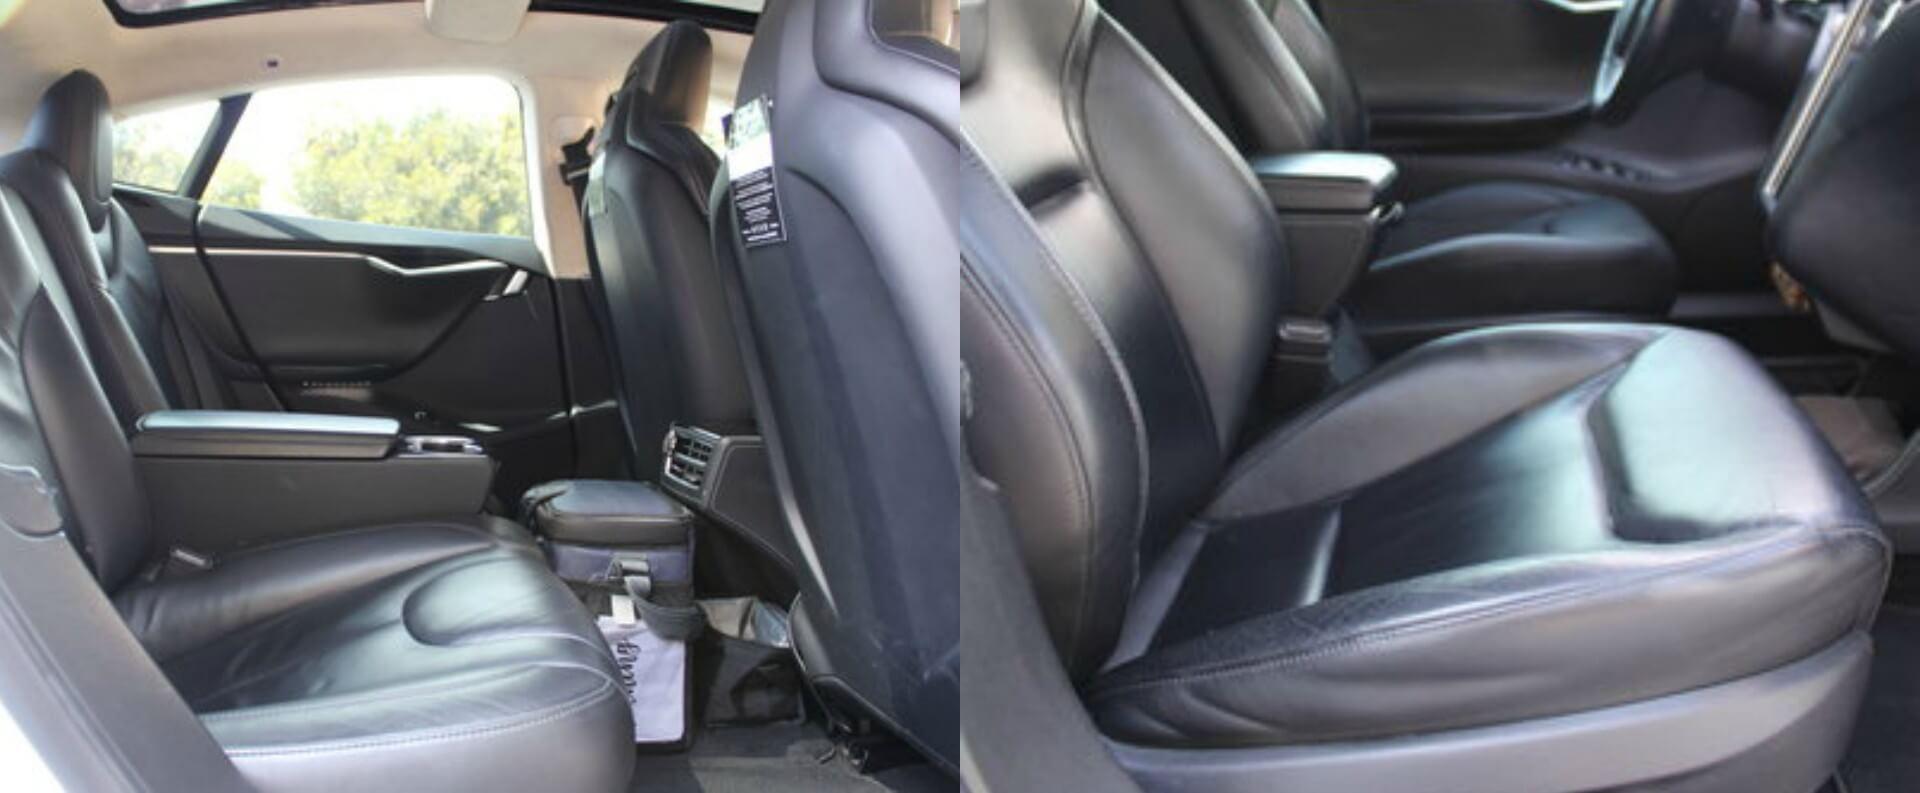 Состояние сидений при пробеге 643000 километров Tesla Model S 90D